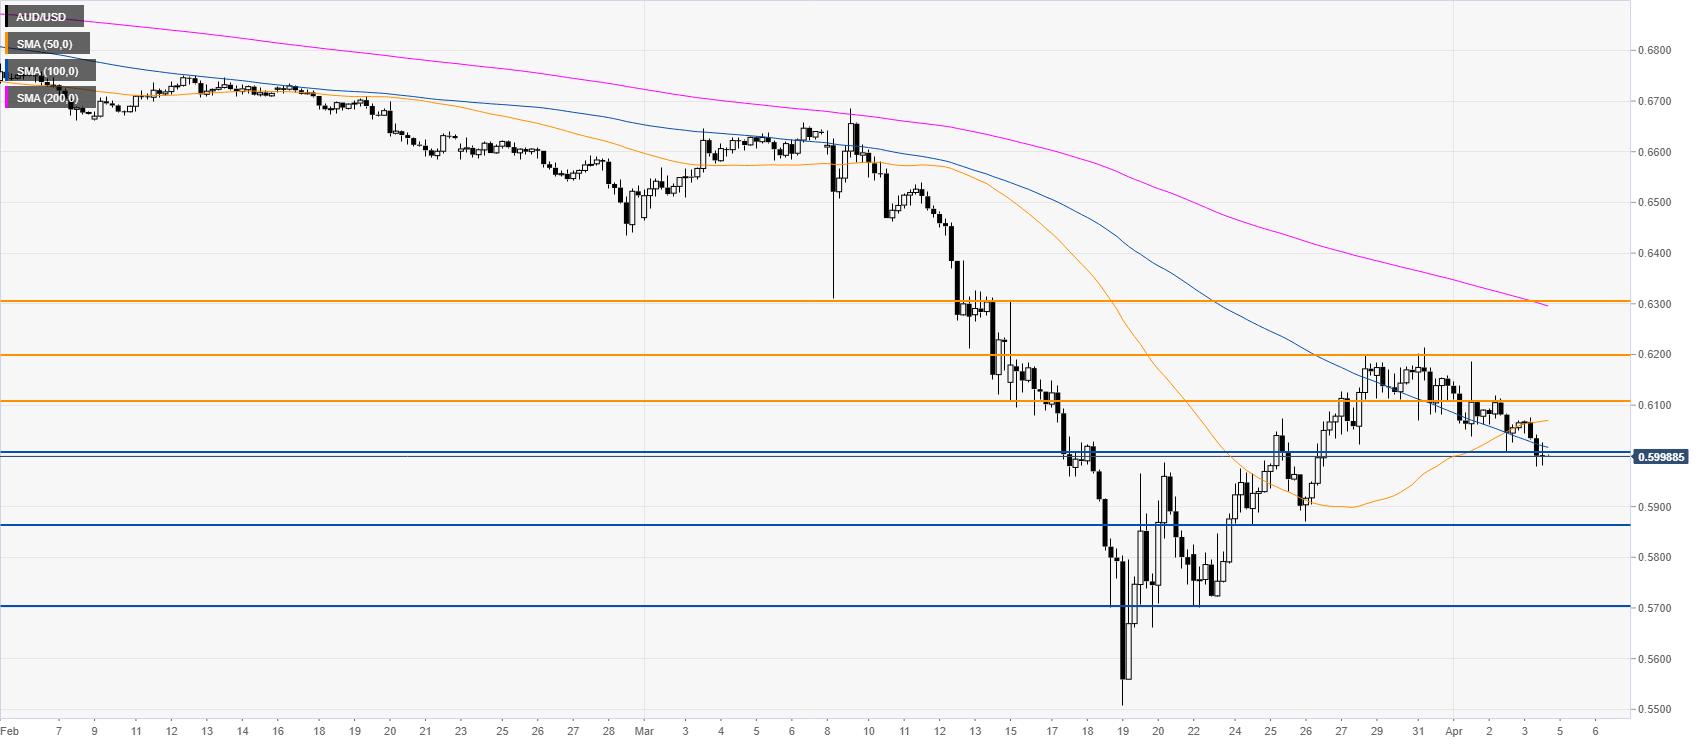 AUD/USD Price News and Forecast: Australian dollar heavy near 0.6000 handle